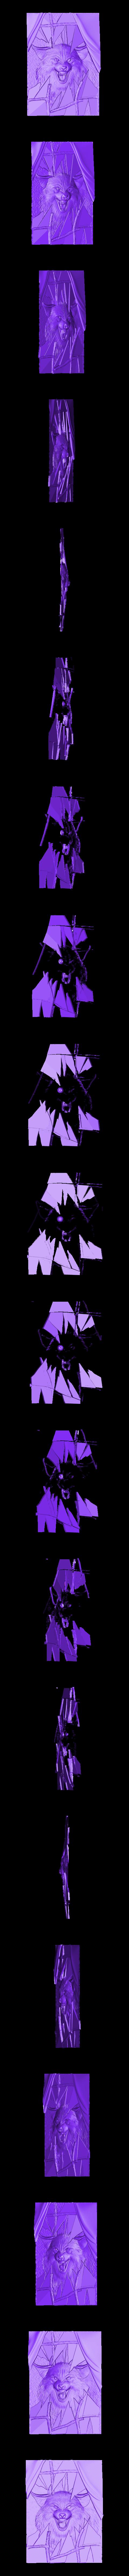 902. Panno.stl Télécharger fichier STL gratuit Loup • Modèle pour impression 3D, stl3dmodel